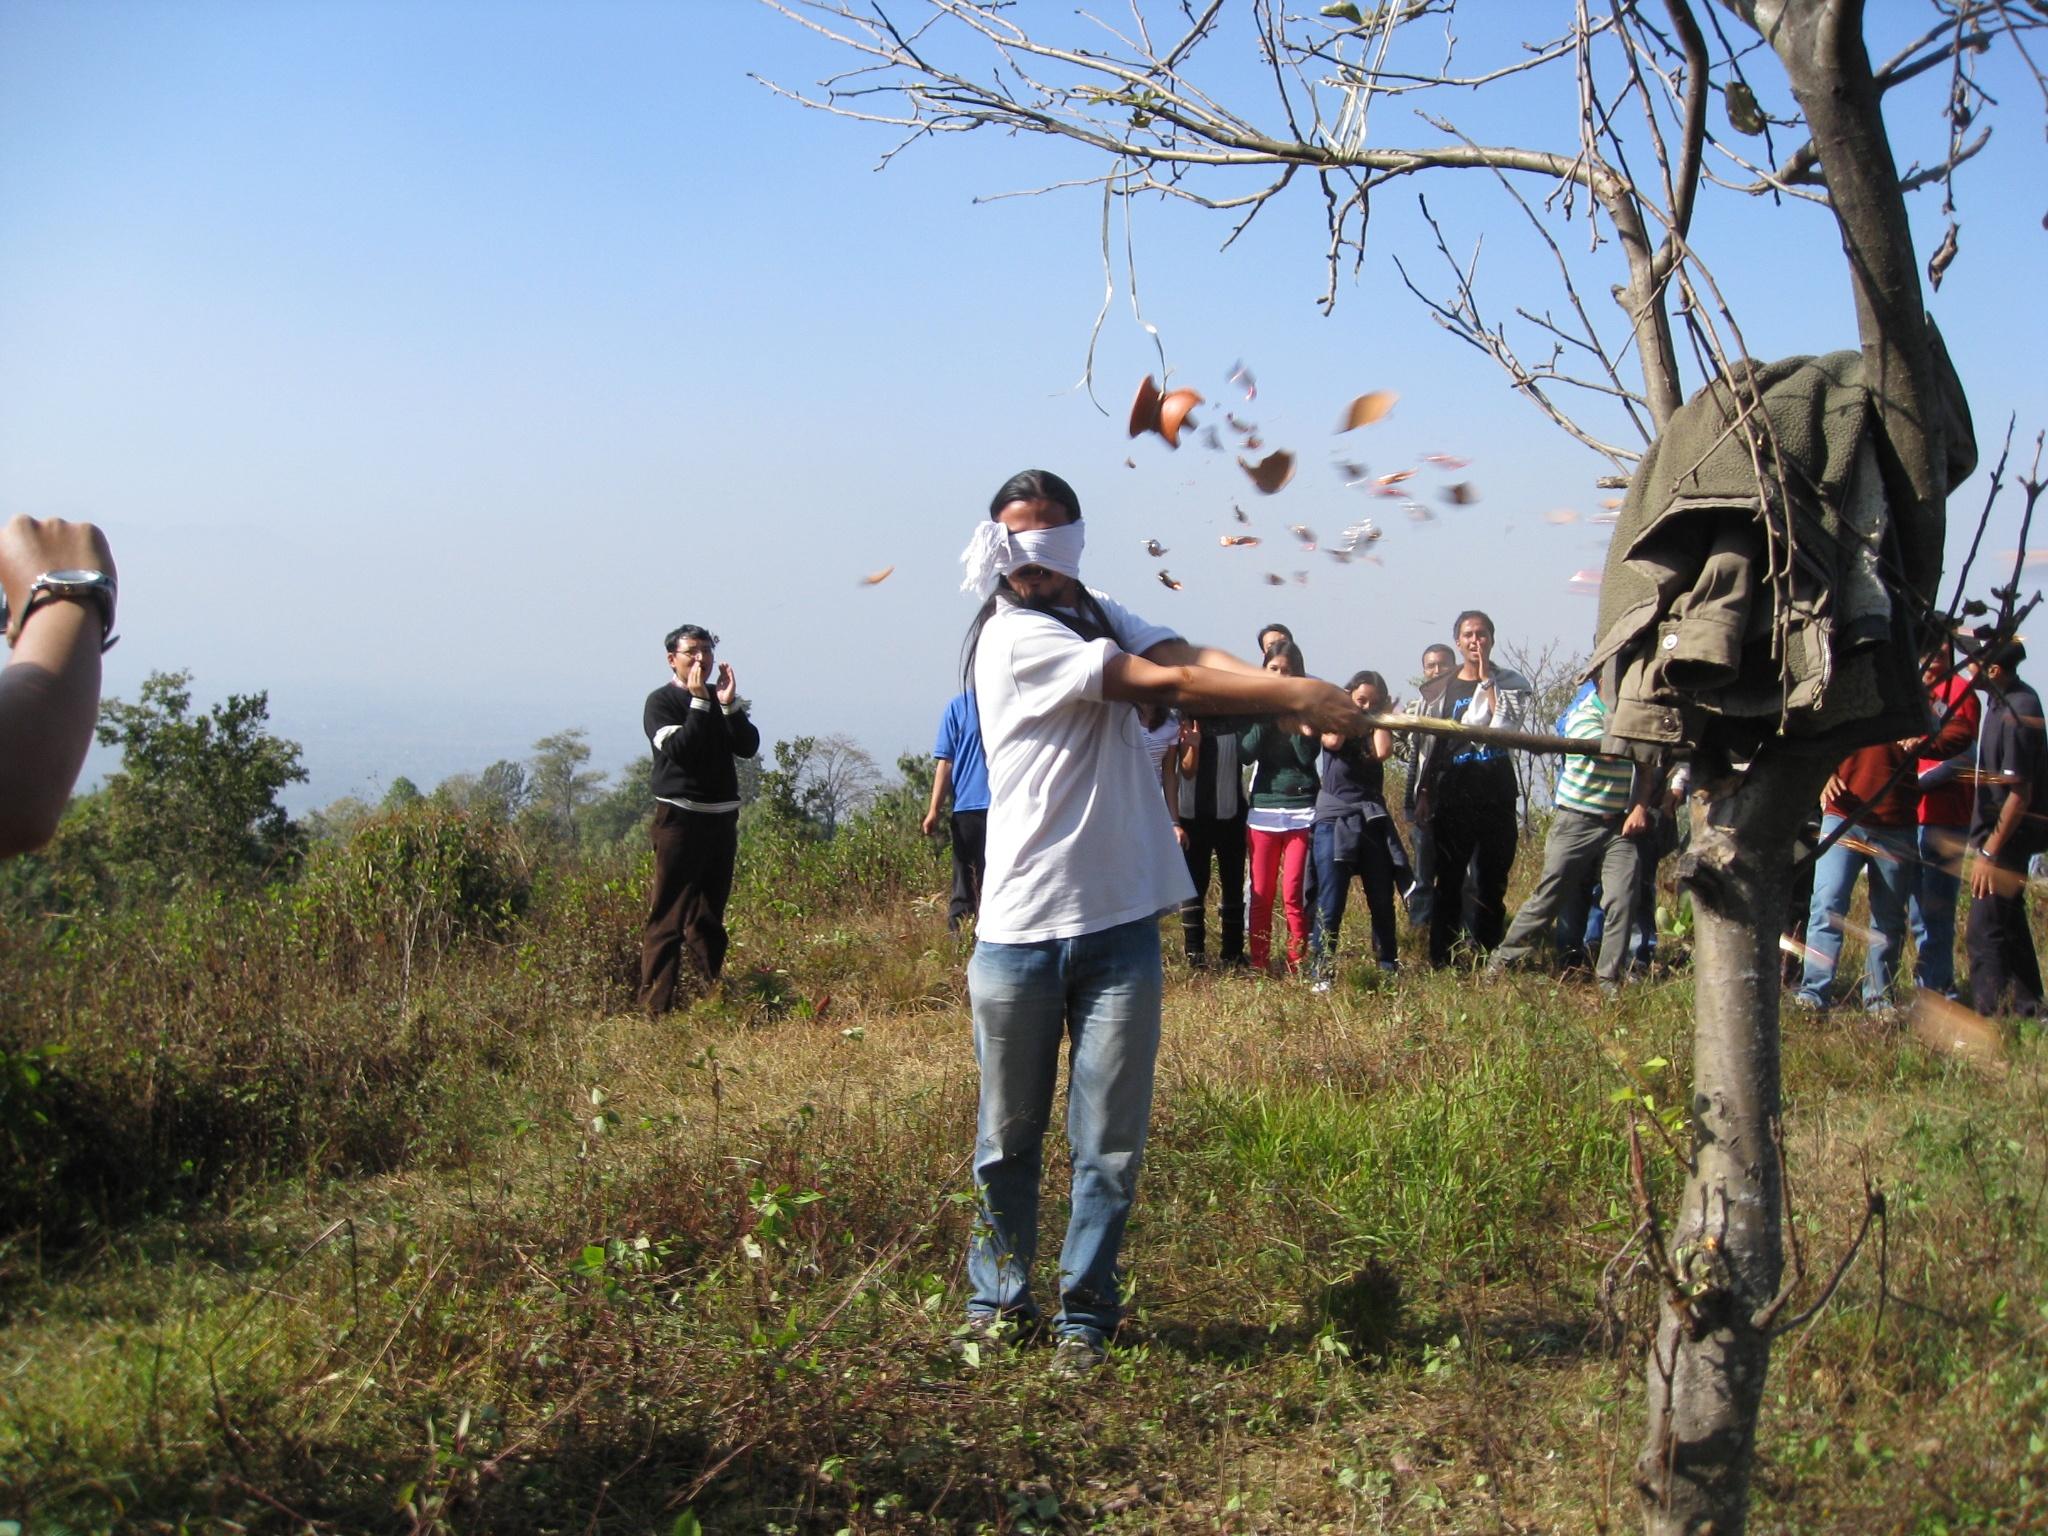 Deerwalk Picnic at Lakure Bhanjyang, A Memoir